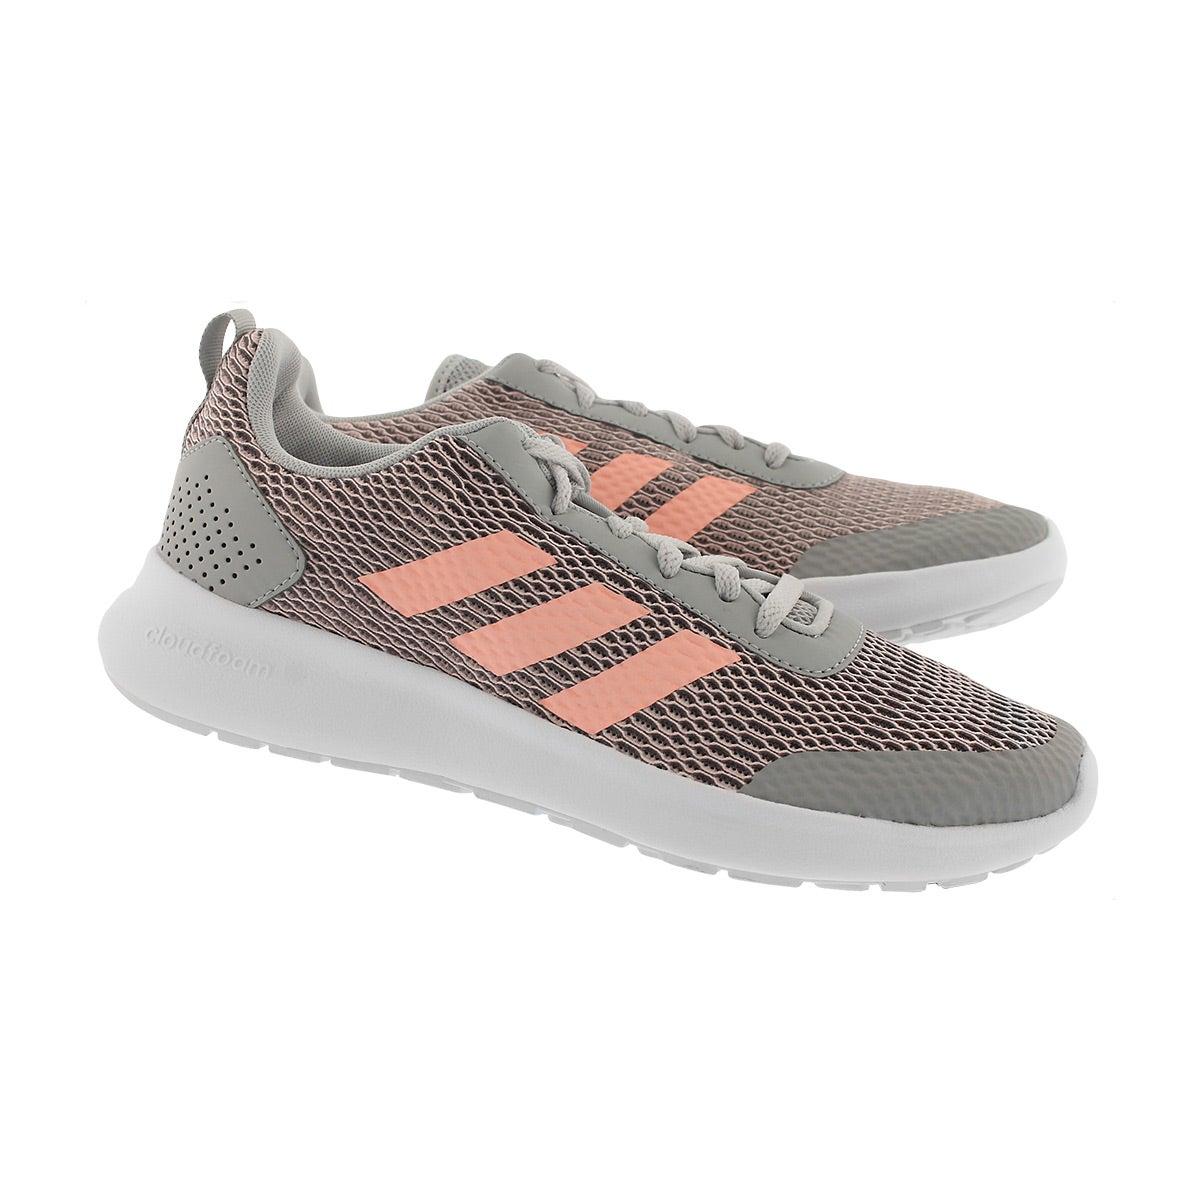 Lds CF Element Race gry/crl running shoe